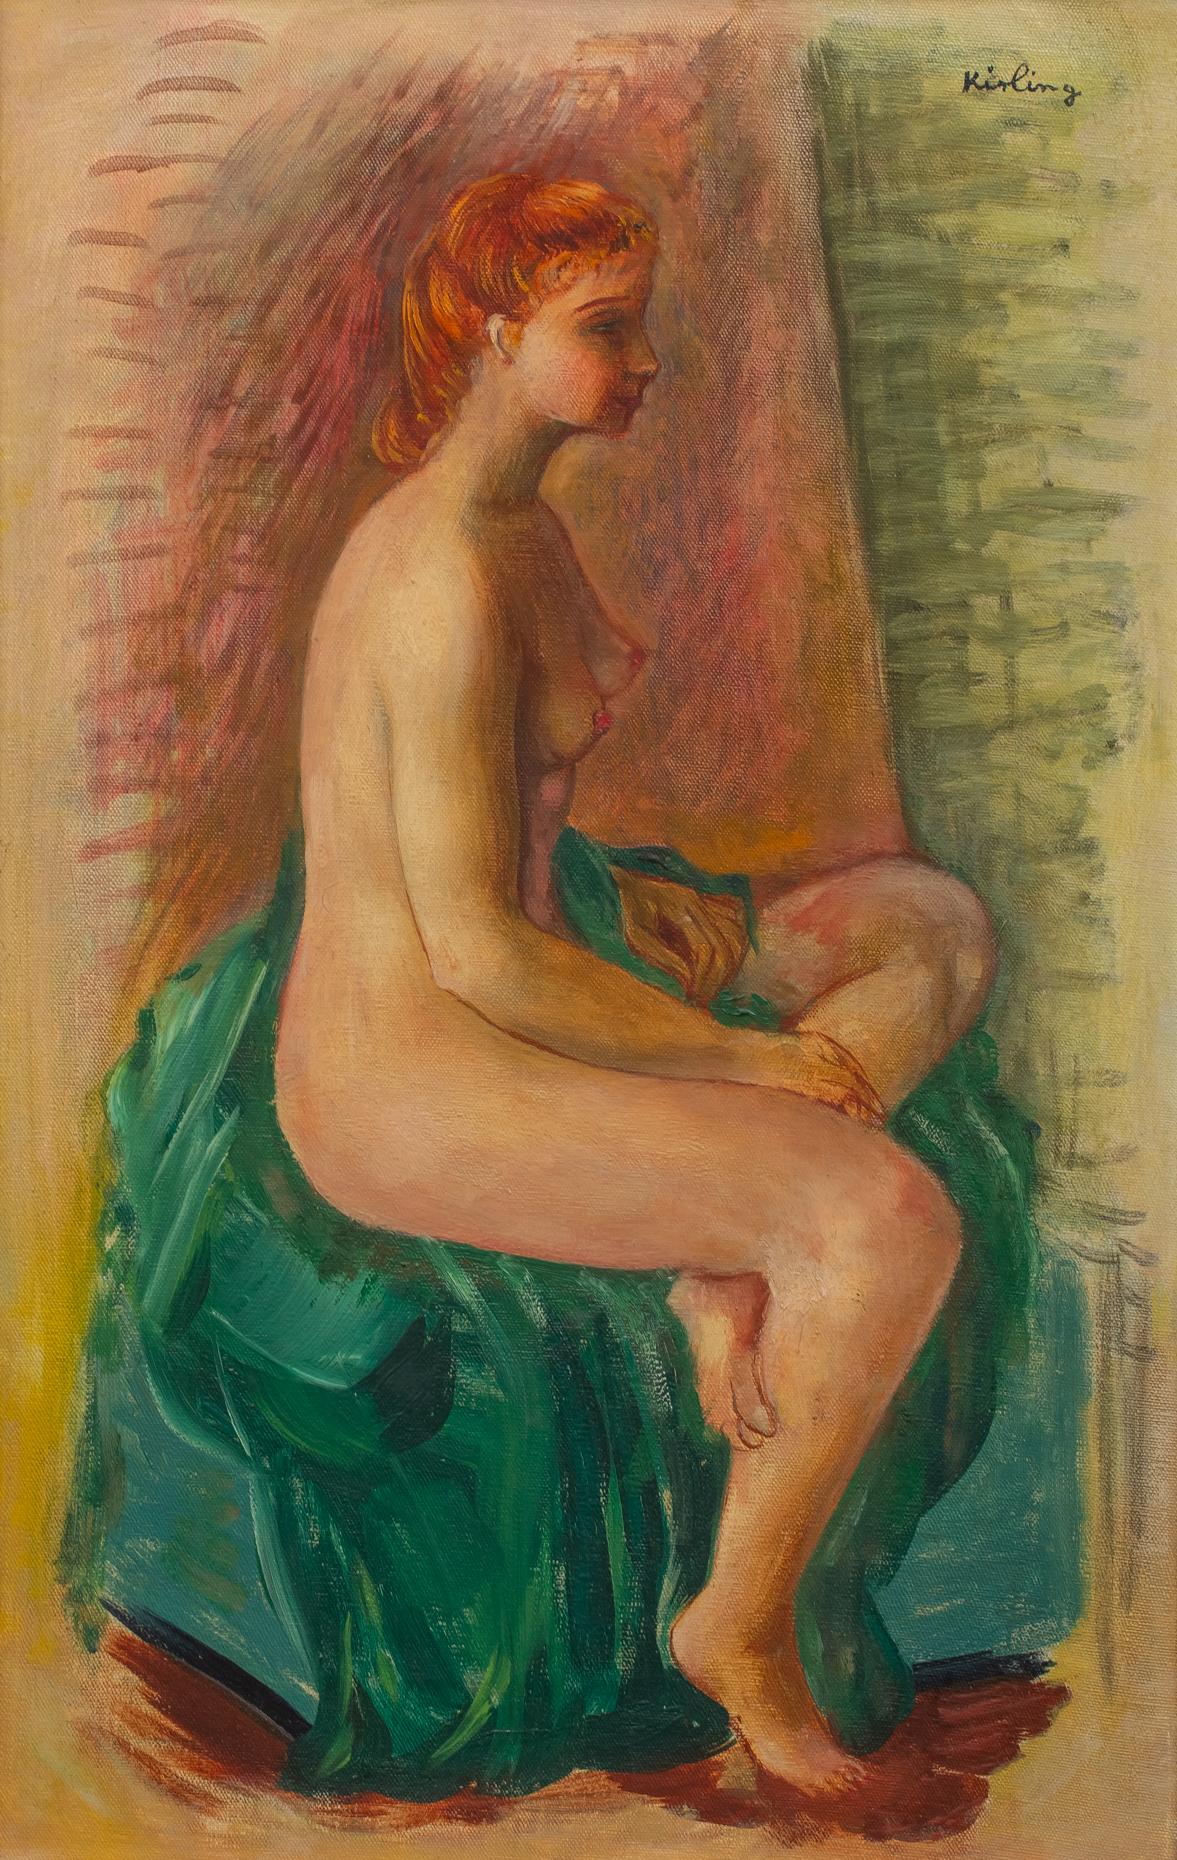 Mojżesz Kisling | Akt, ok. 1935 r.